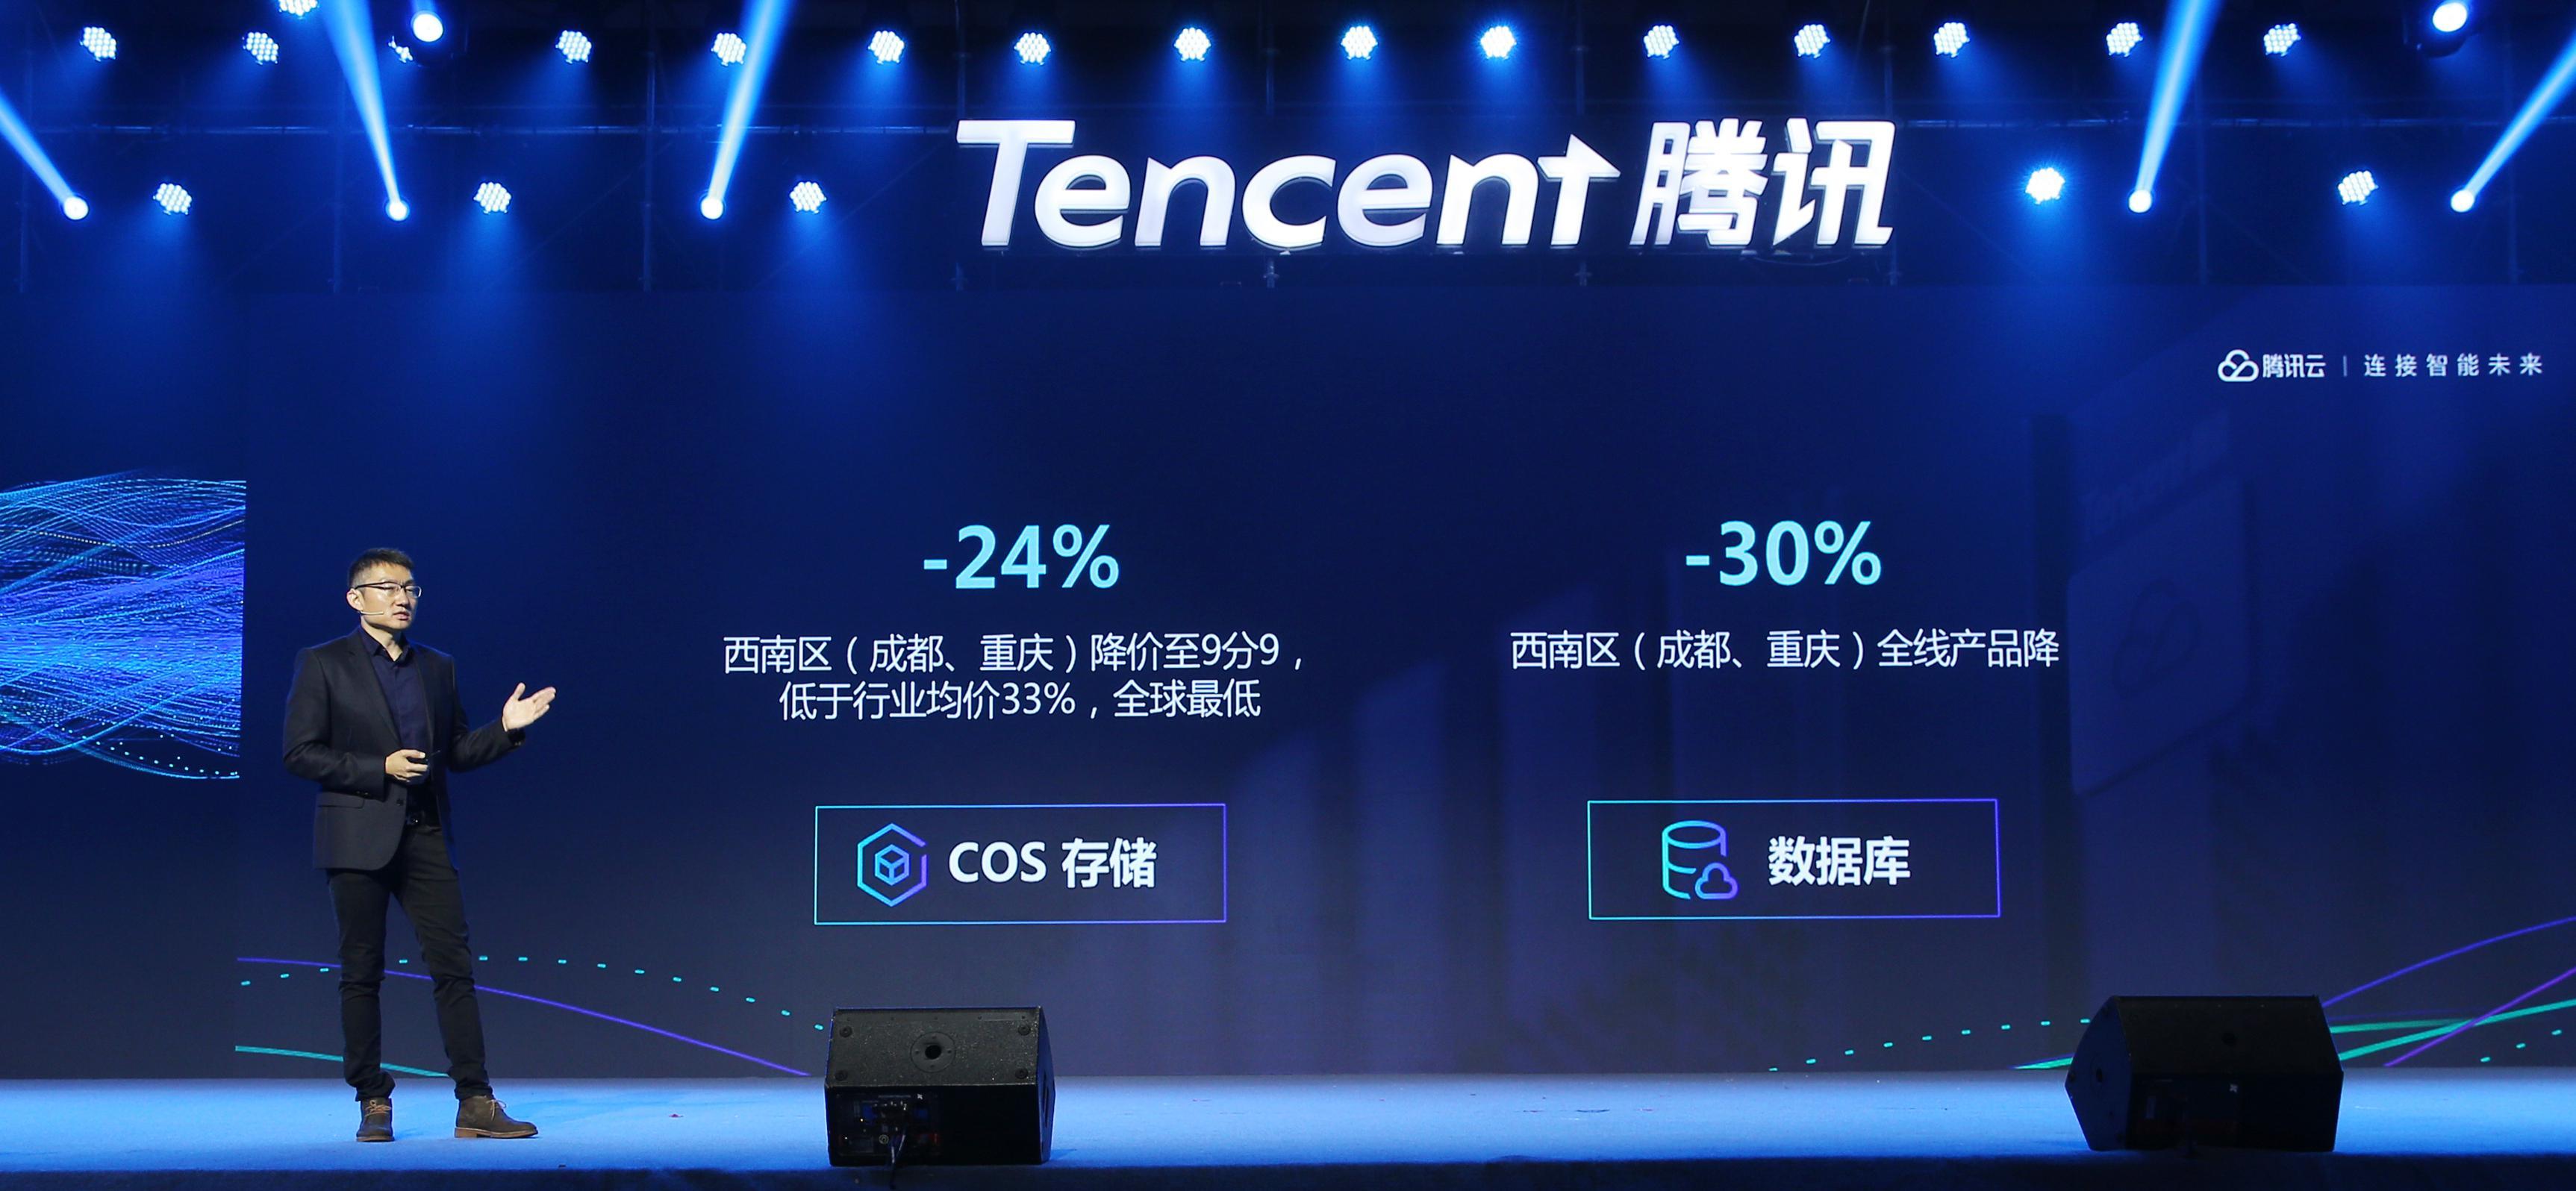 腾讯云核心产品全线降价,最高降幅达50%